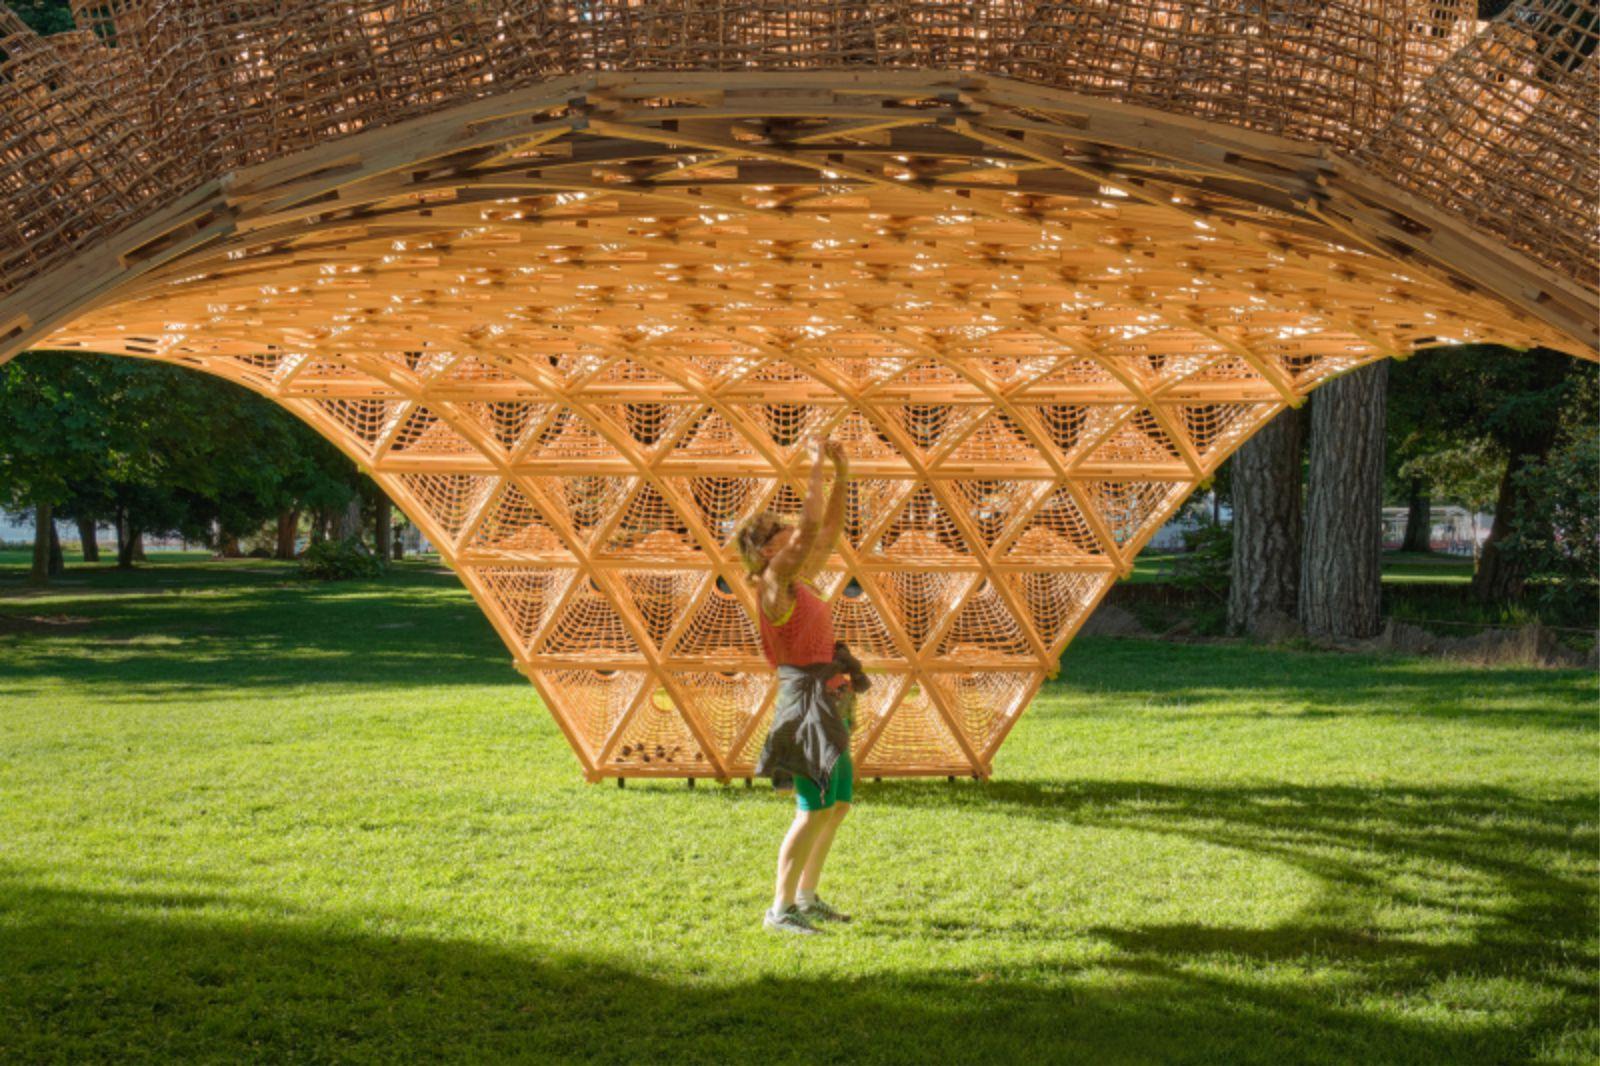 Wicker Pavilion